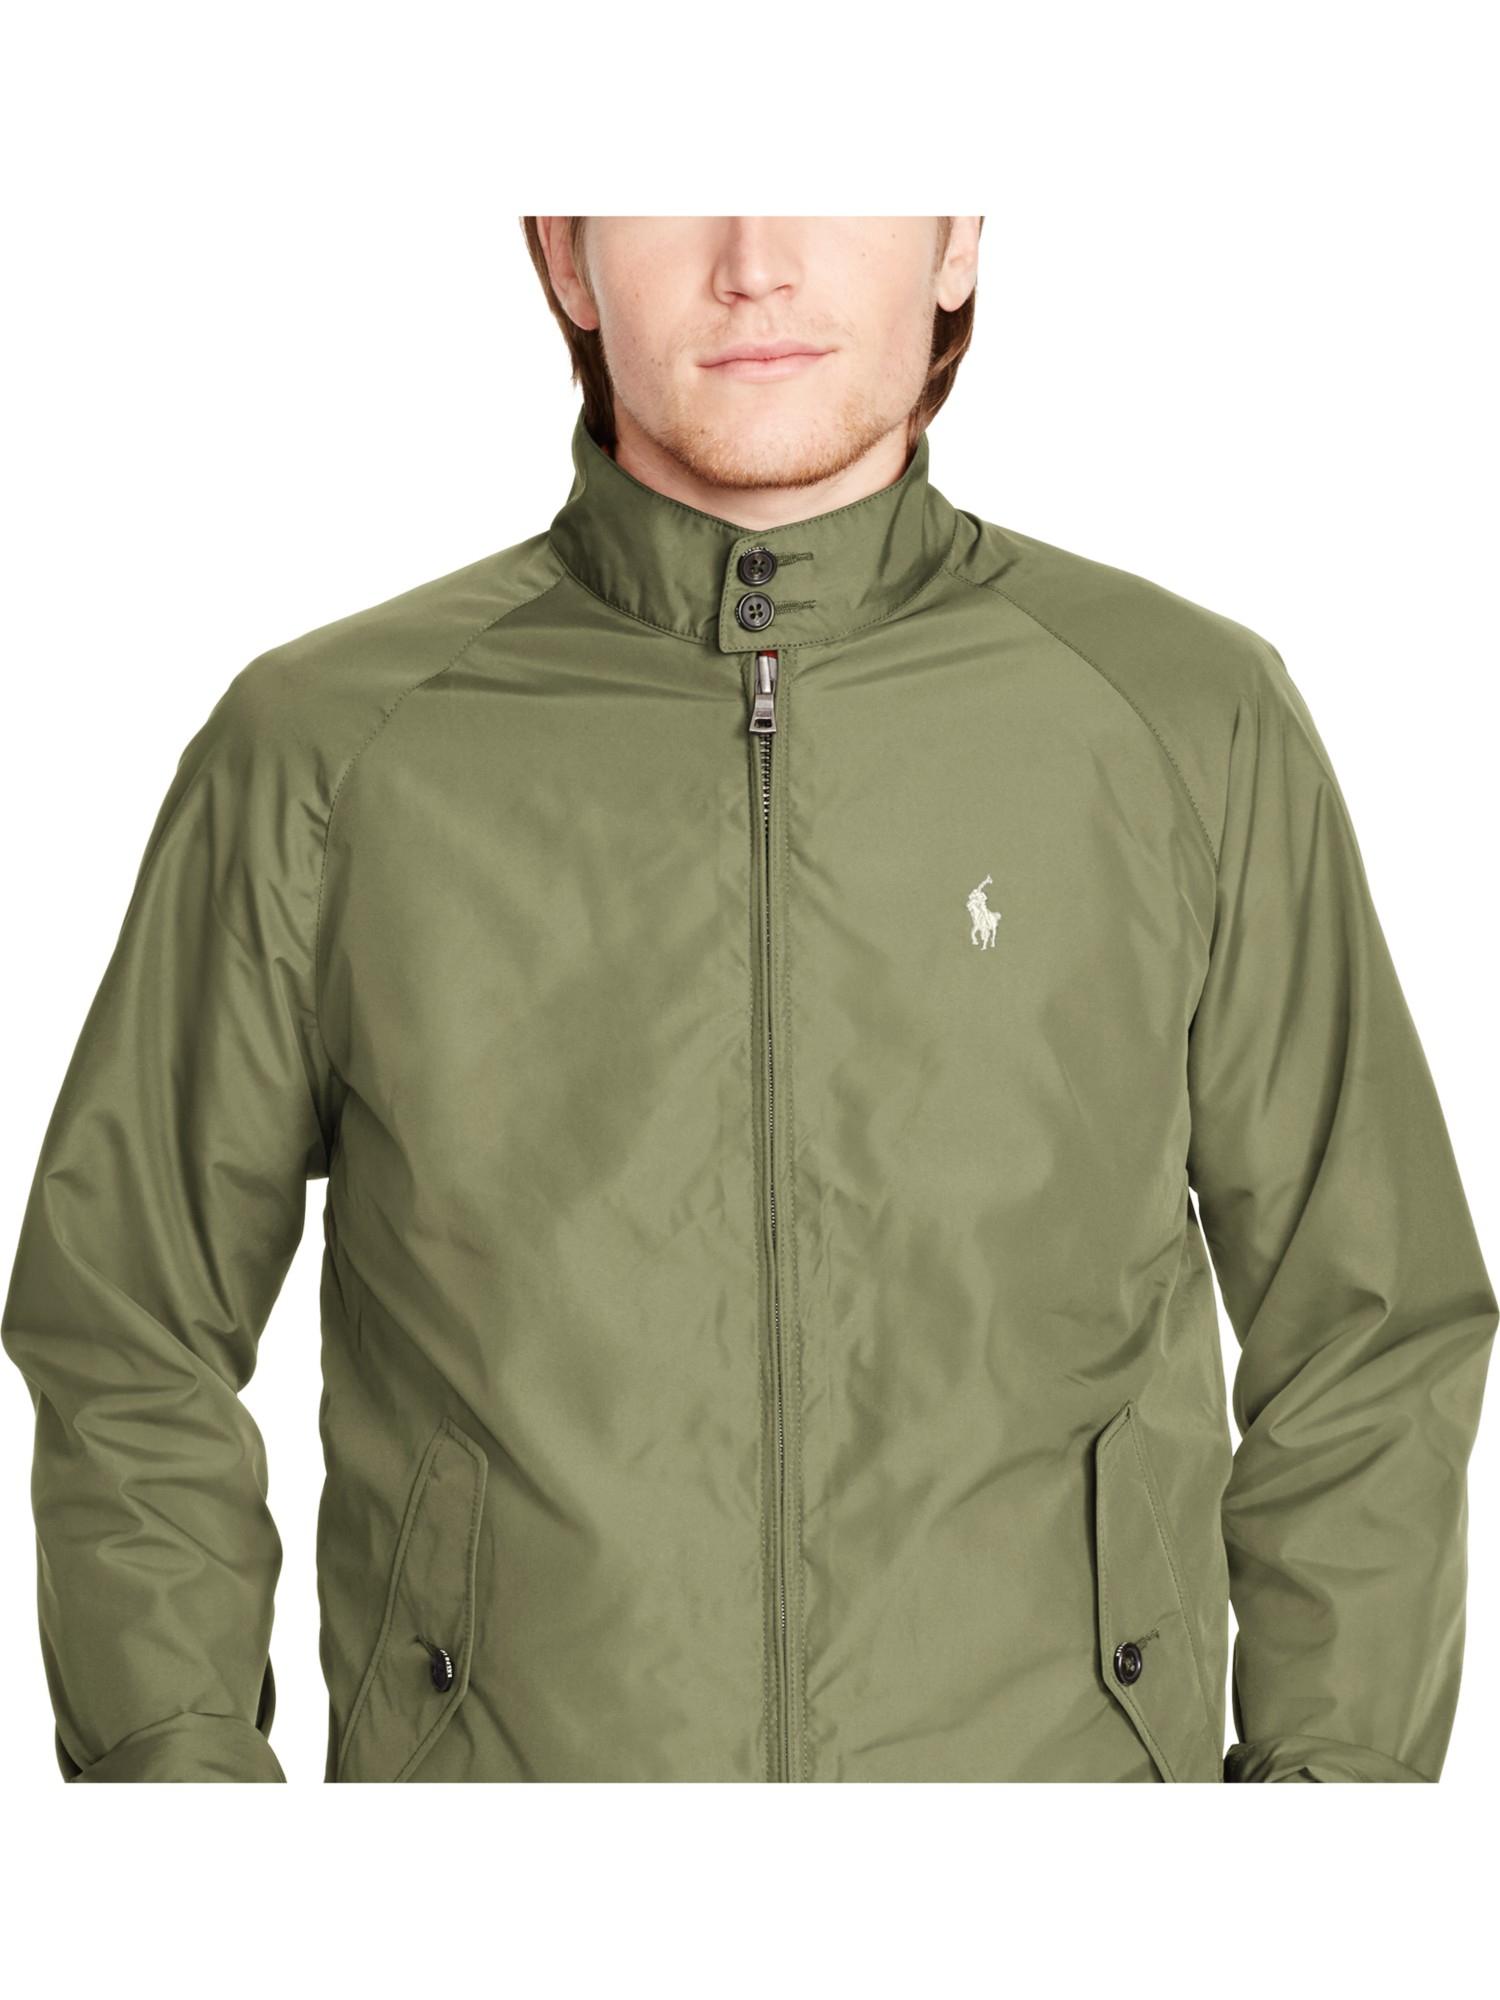 Polo Ralph Lauren Chester Light Jacket In Green For Men Lyst